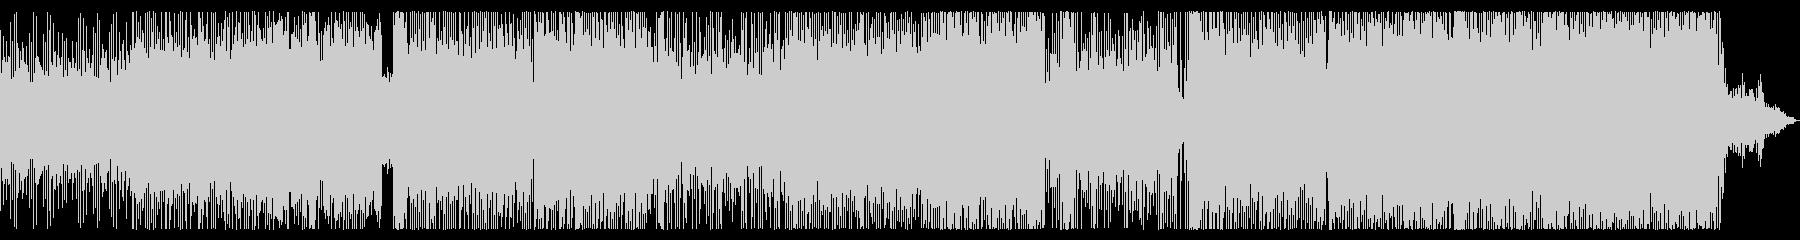 三味線生演奏、和風エレクトロの未再生の波形